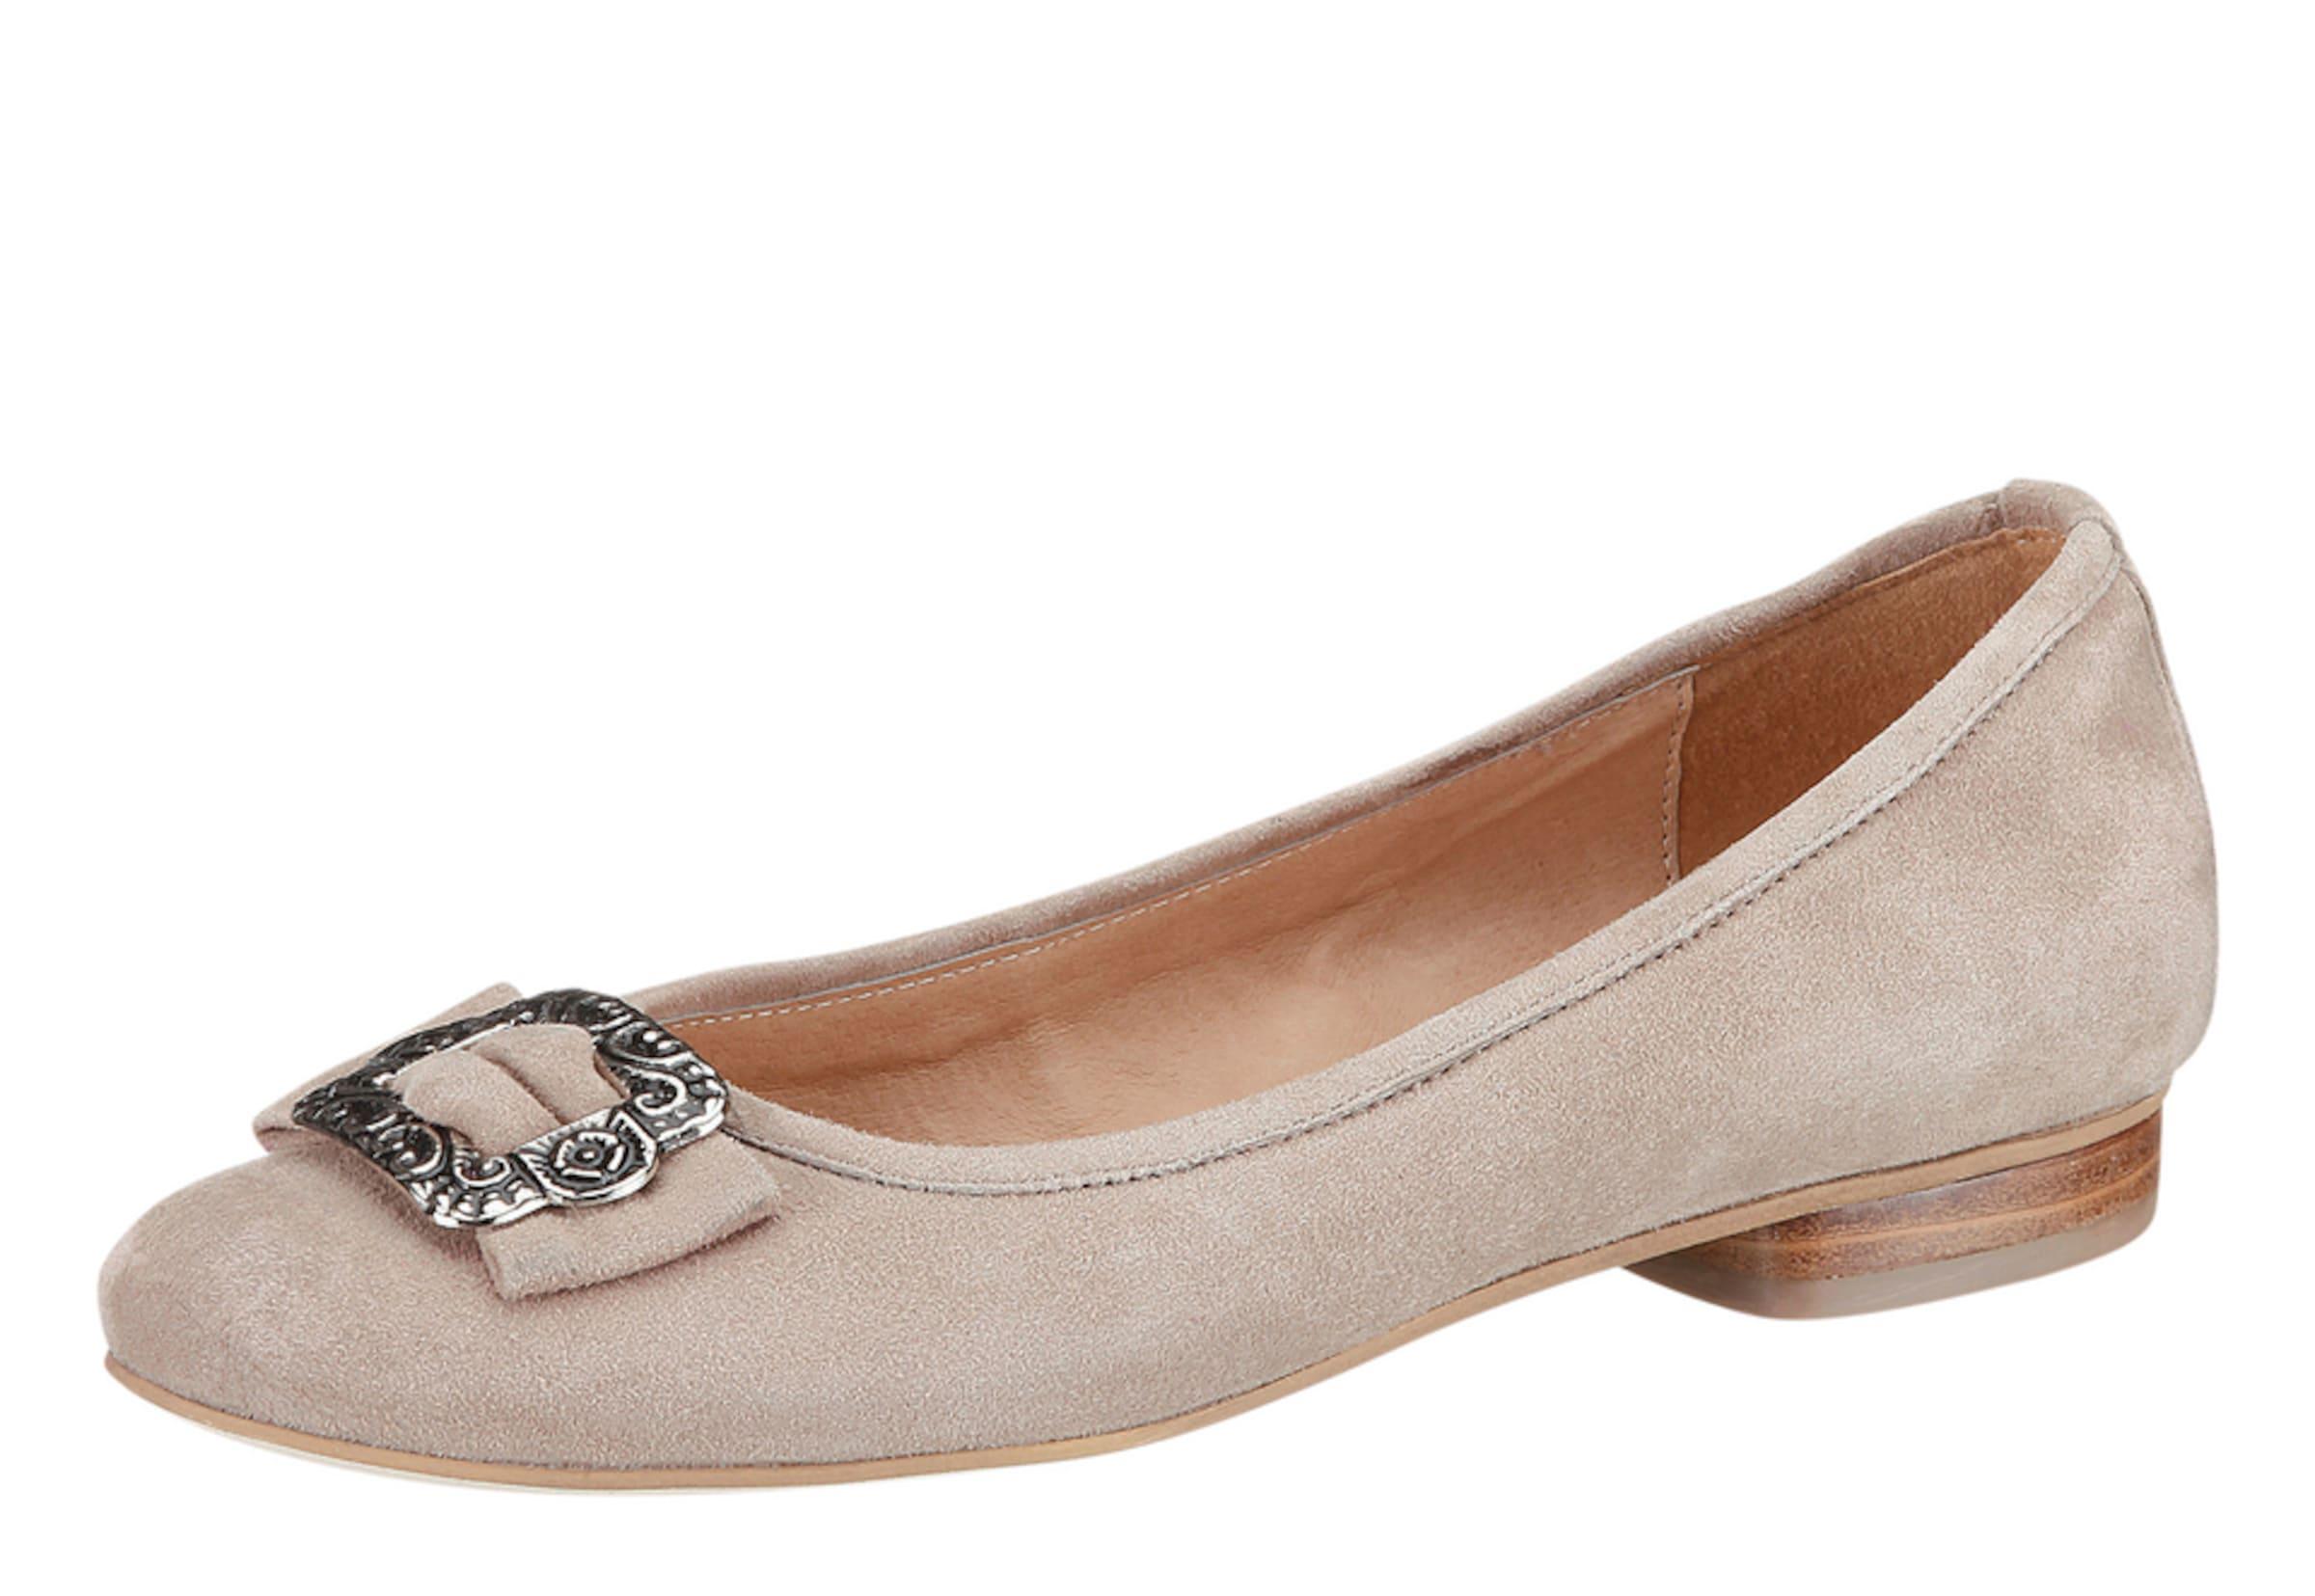 ANDREA CONTI Ballerina Verschleißfeste Schuhe billige Schuhe Verschleißfeste 5045c7